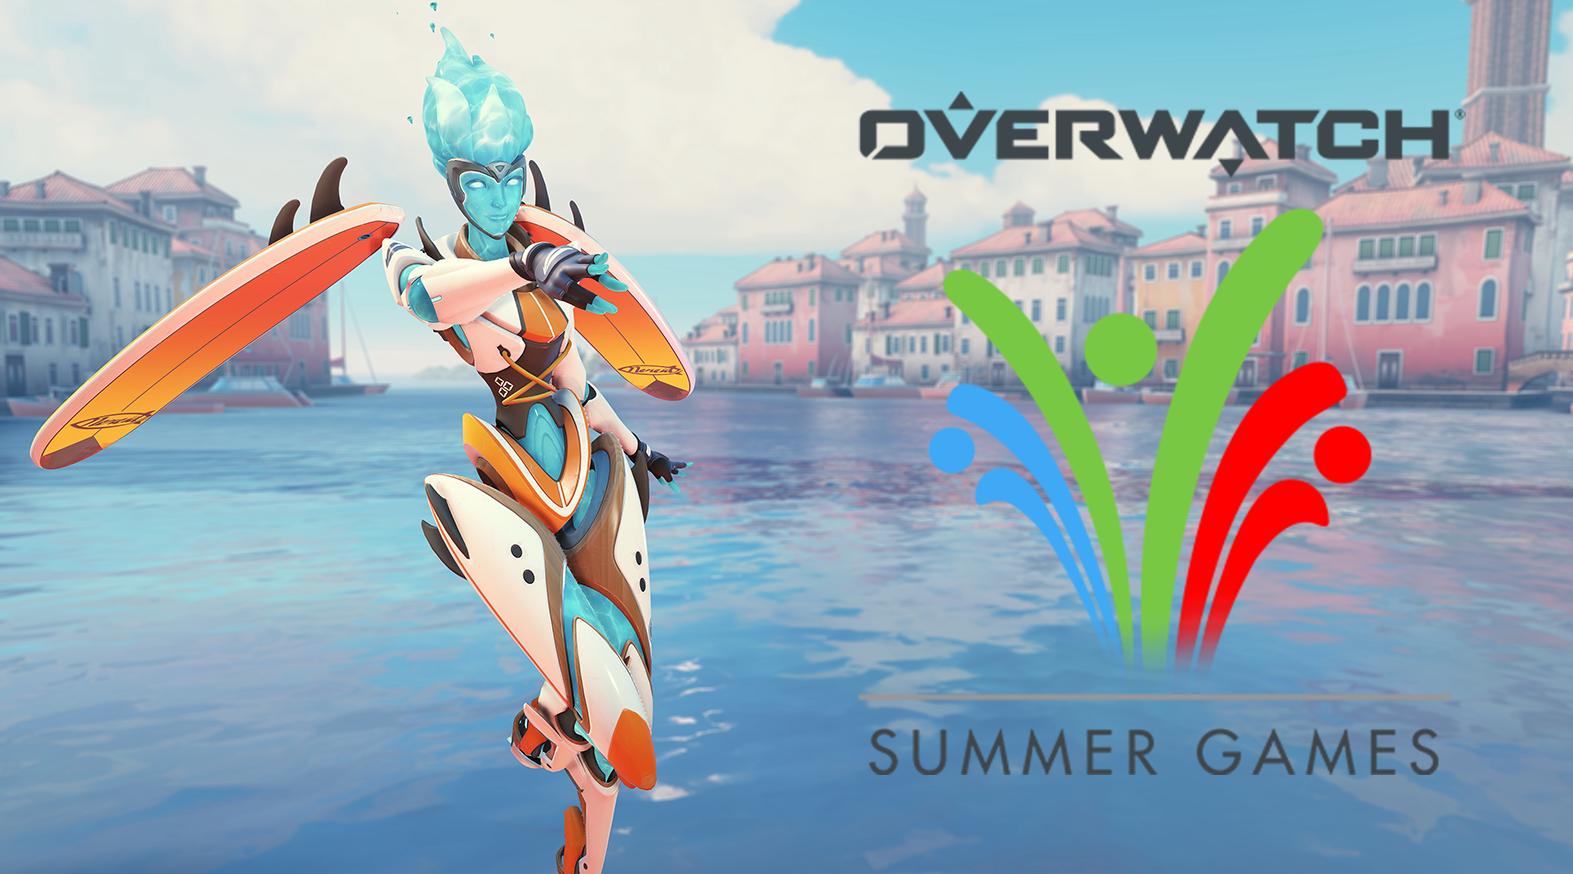 Overwatch Summer Games 2020 Echo skin